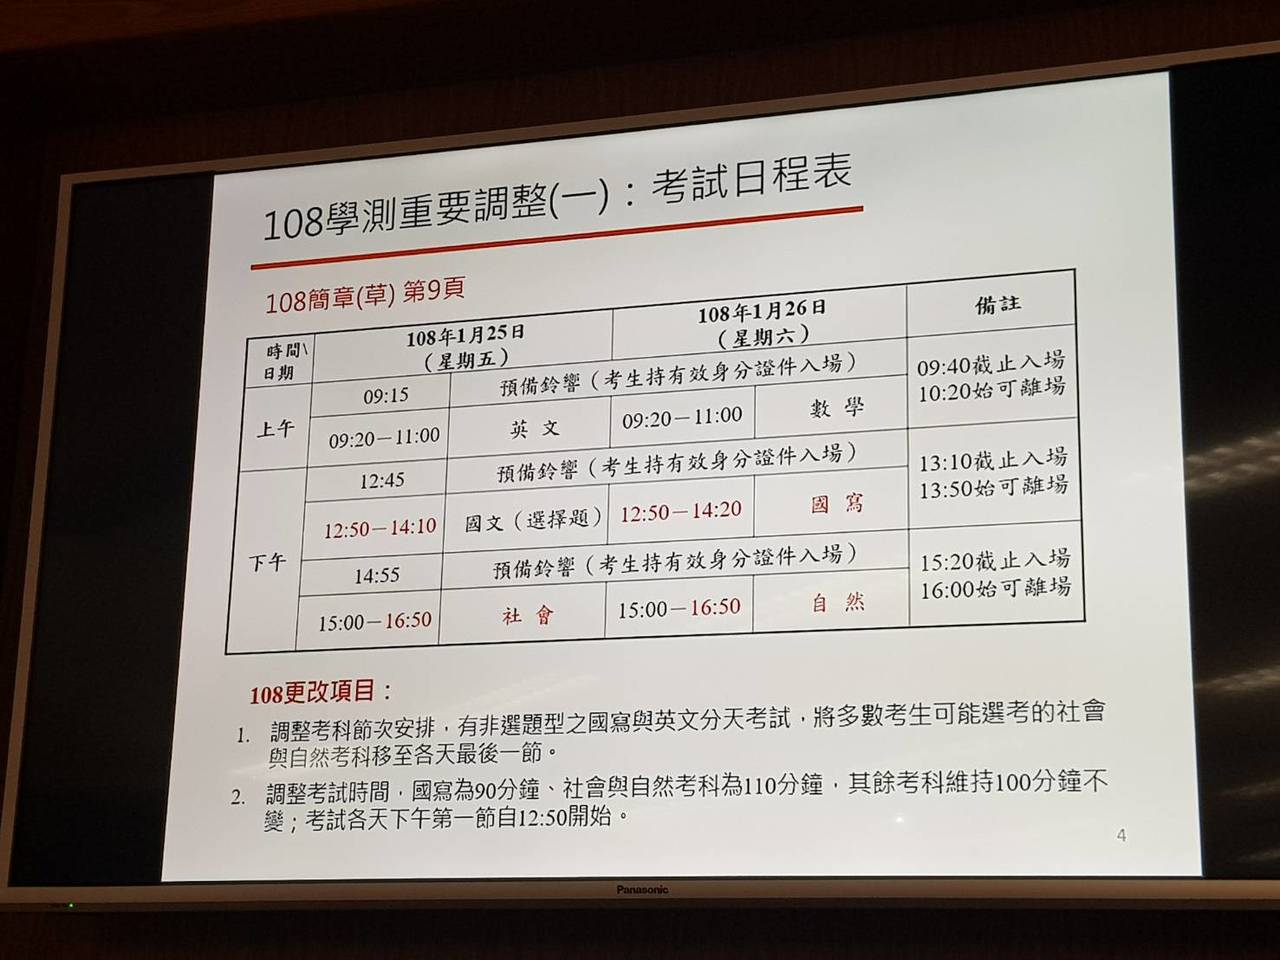 大考中心公布108年考試簡章修訂要點,針對108學測考試日程、報名收費方式,以及...